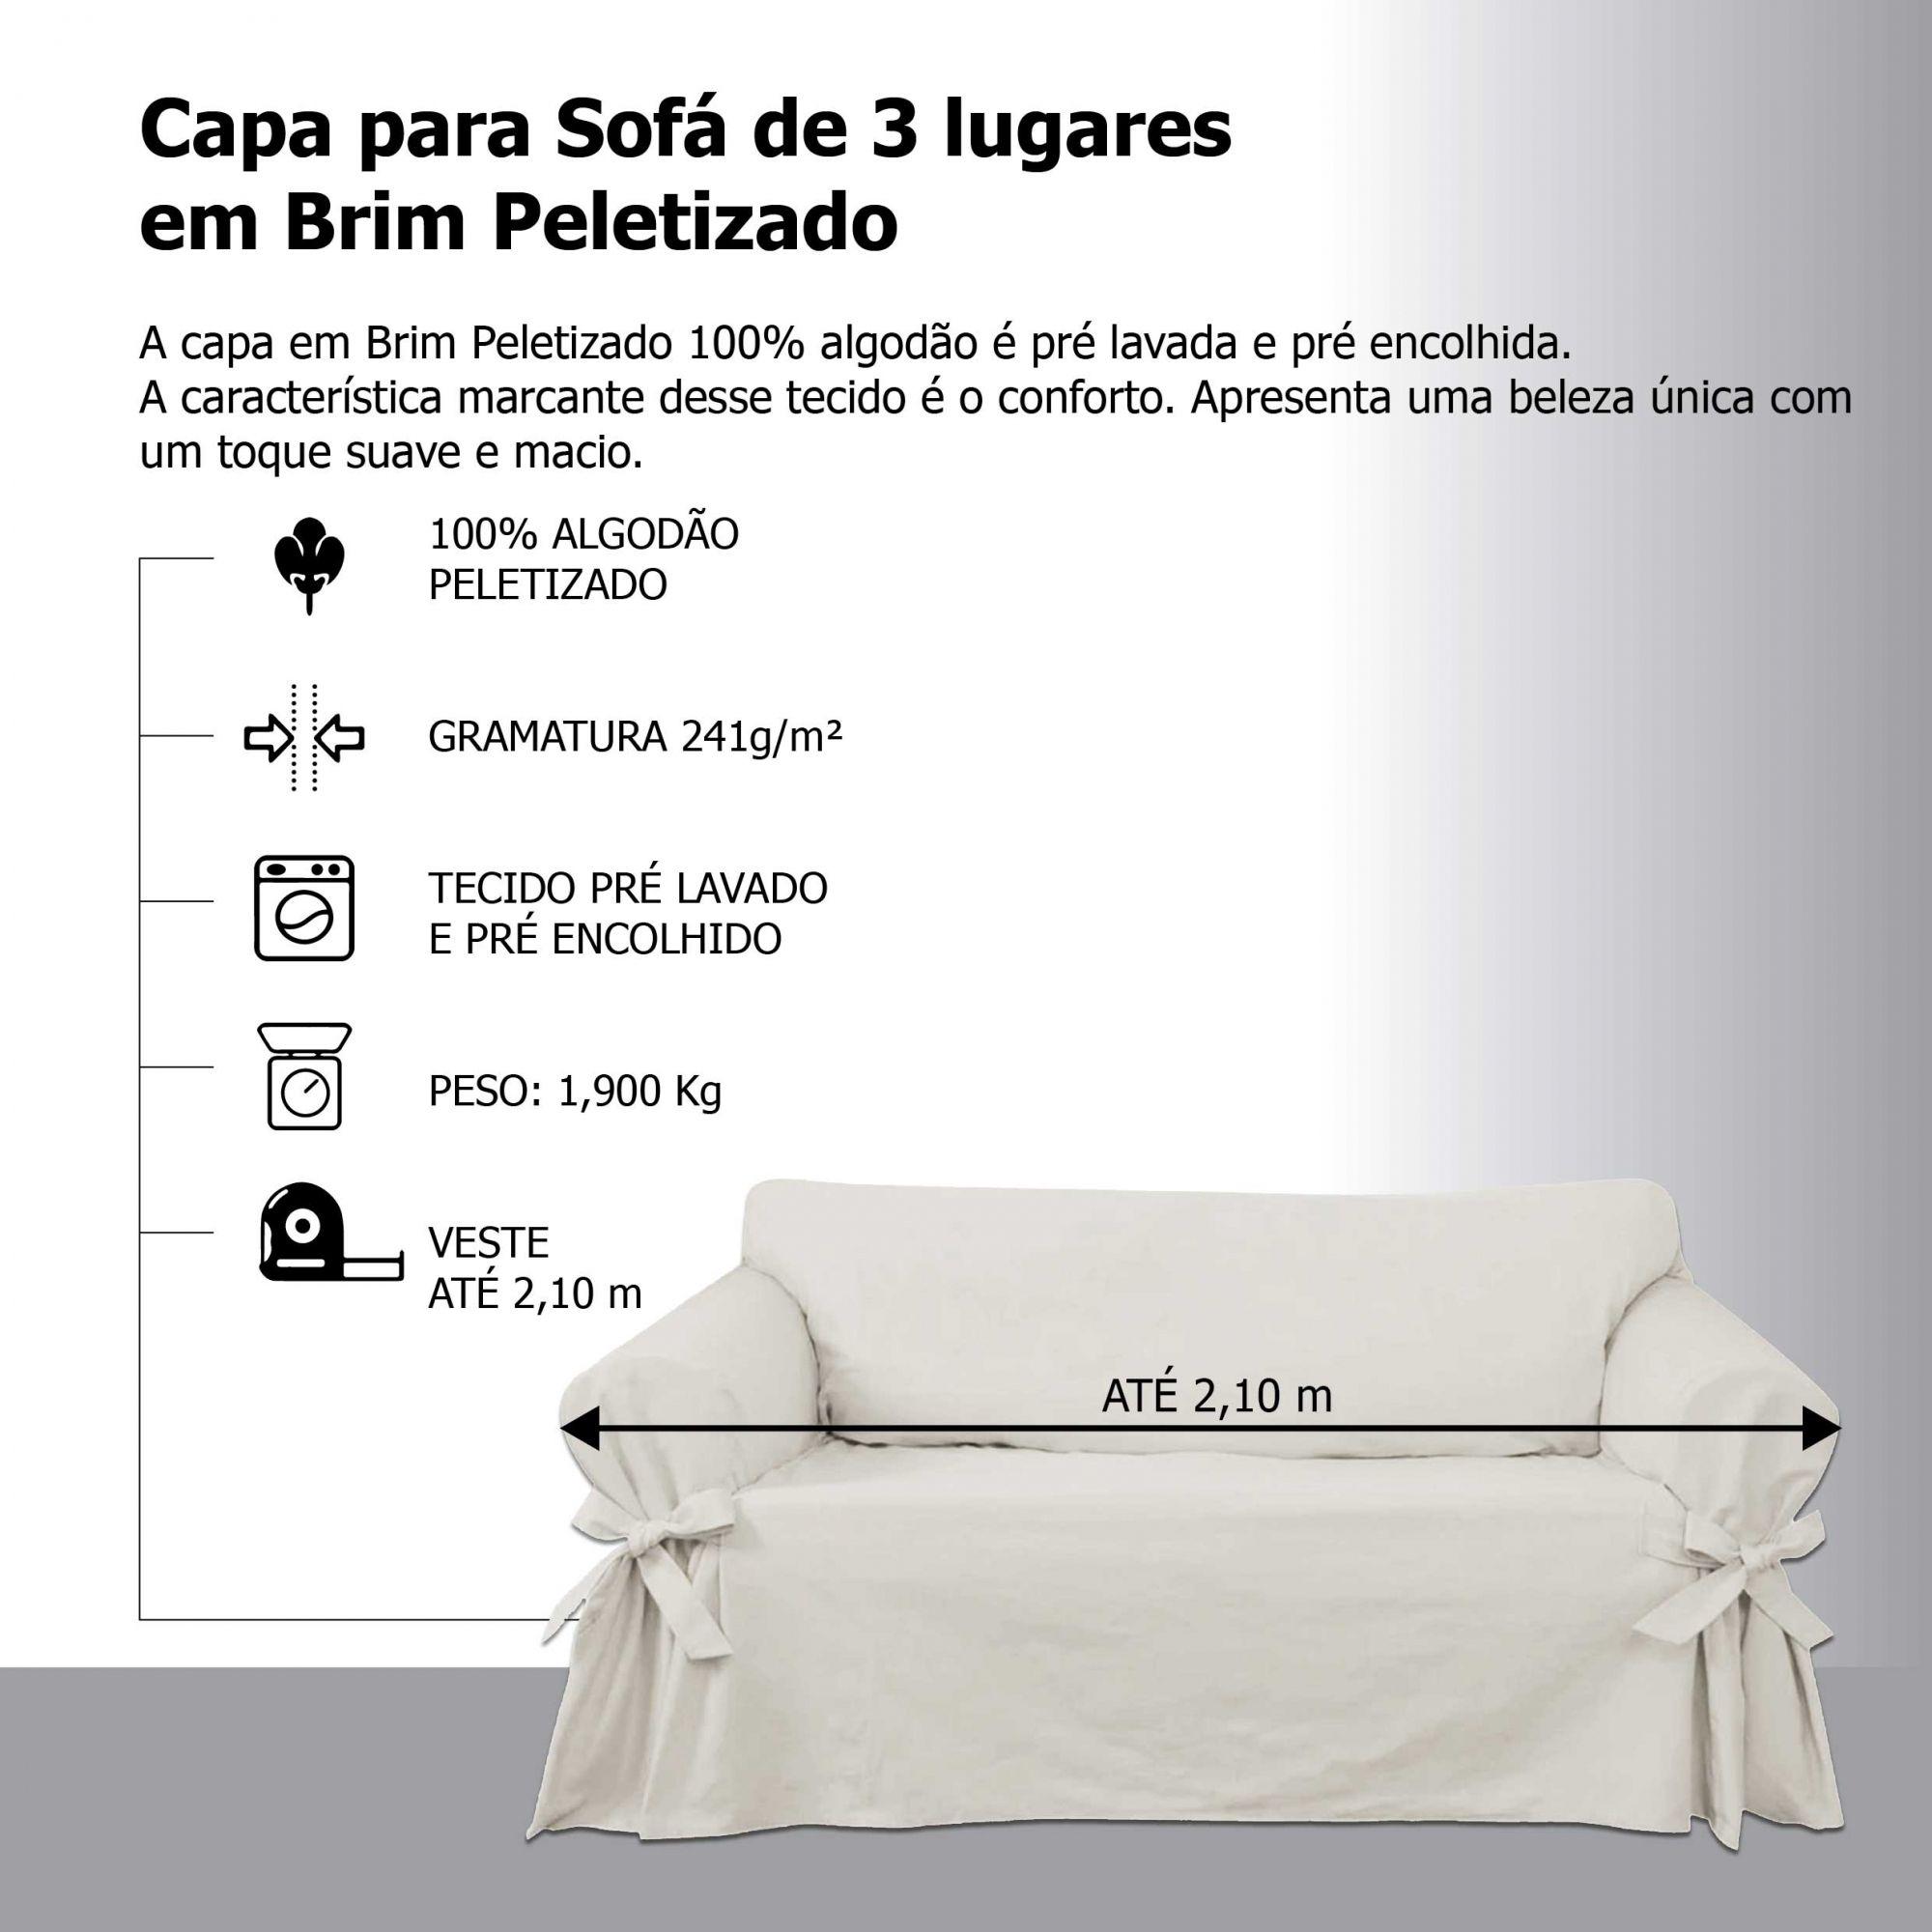 Capa para Sofá de 3 Lugares em Brim Sarja 100% Algodão